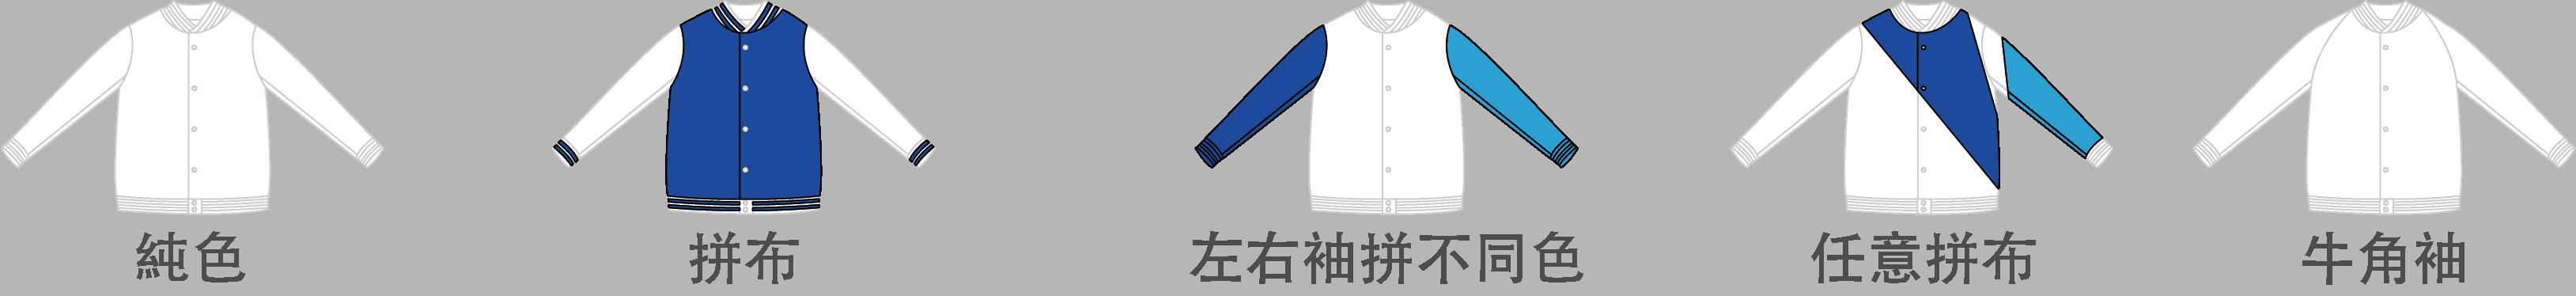 裁布製Baseball Jacket款式參考